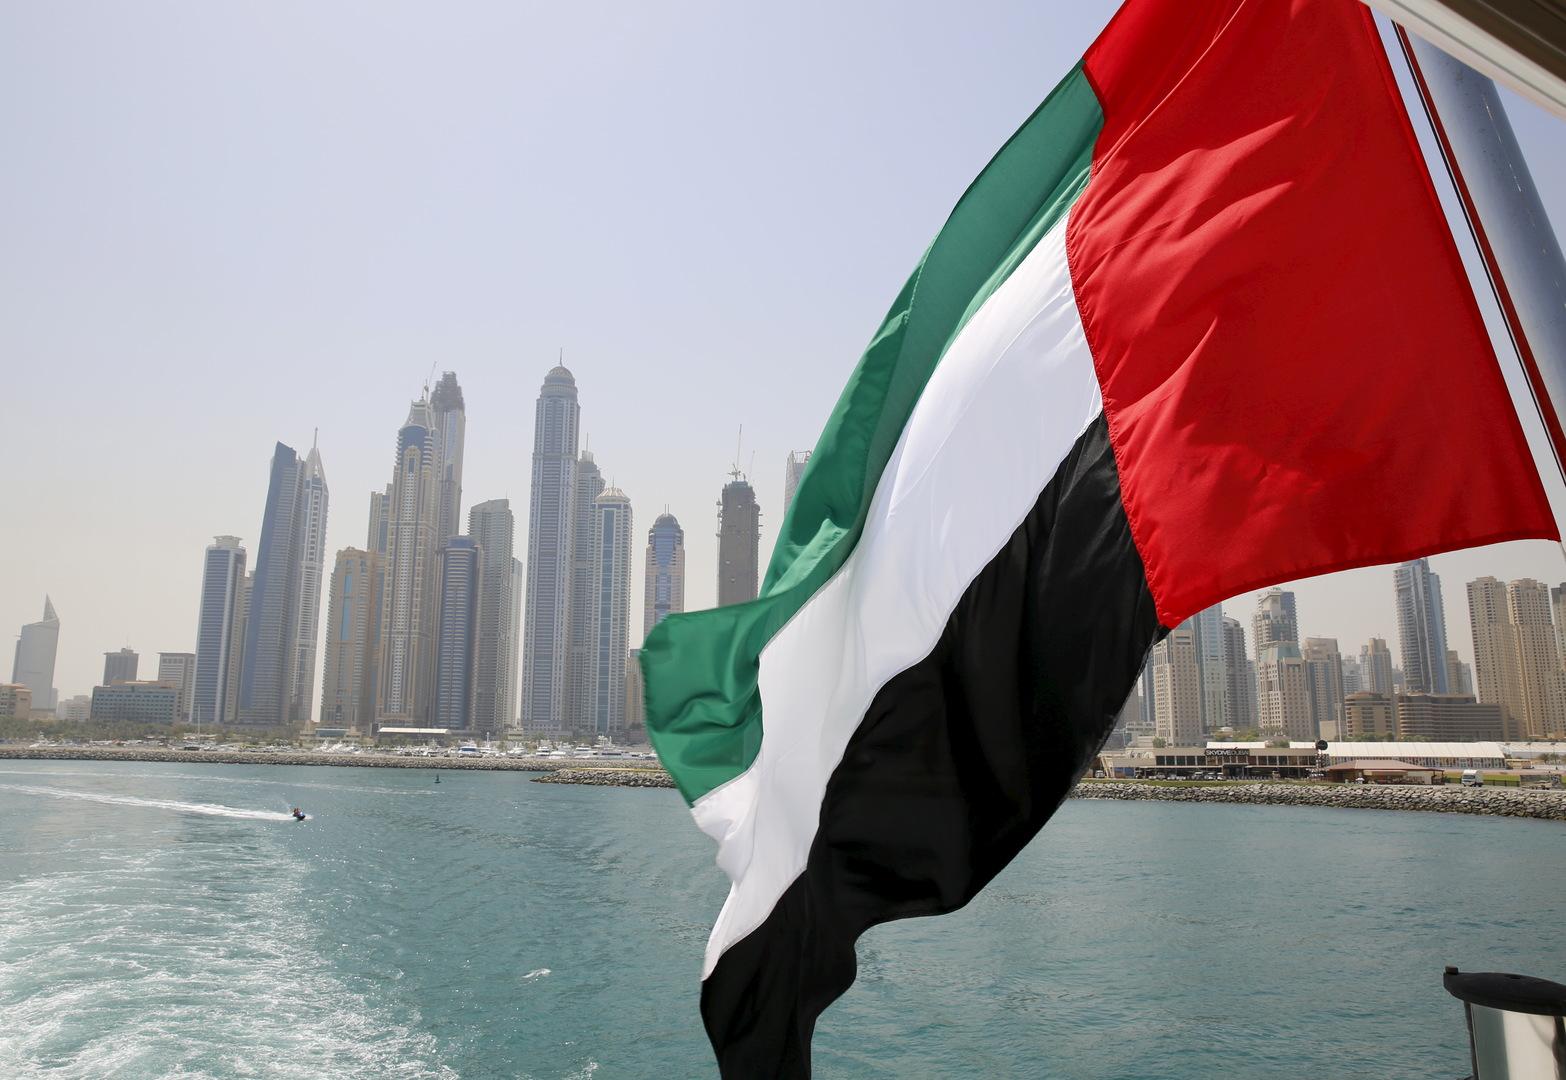 الإمارات تعلق على تعليق إدارة بايدن صفقة مقاتلات